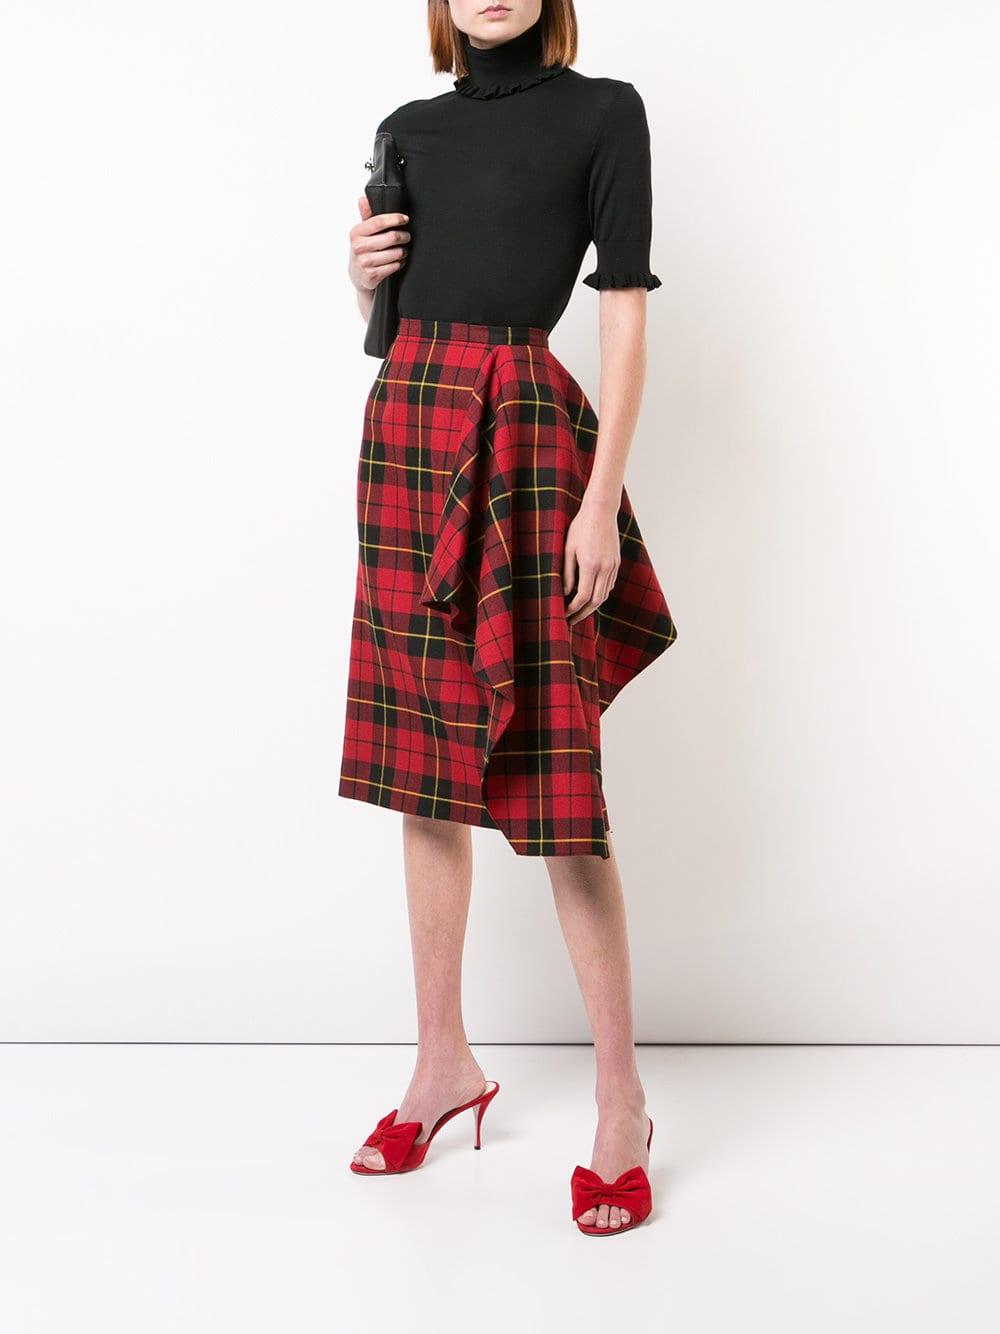 Chân váy quấn kẻ sọc tartan của Michael Kors là lựa chọn cho những nàng sành điệu.